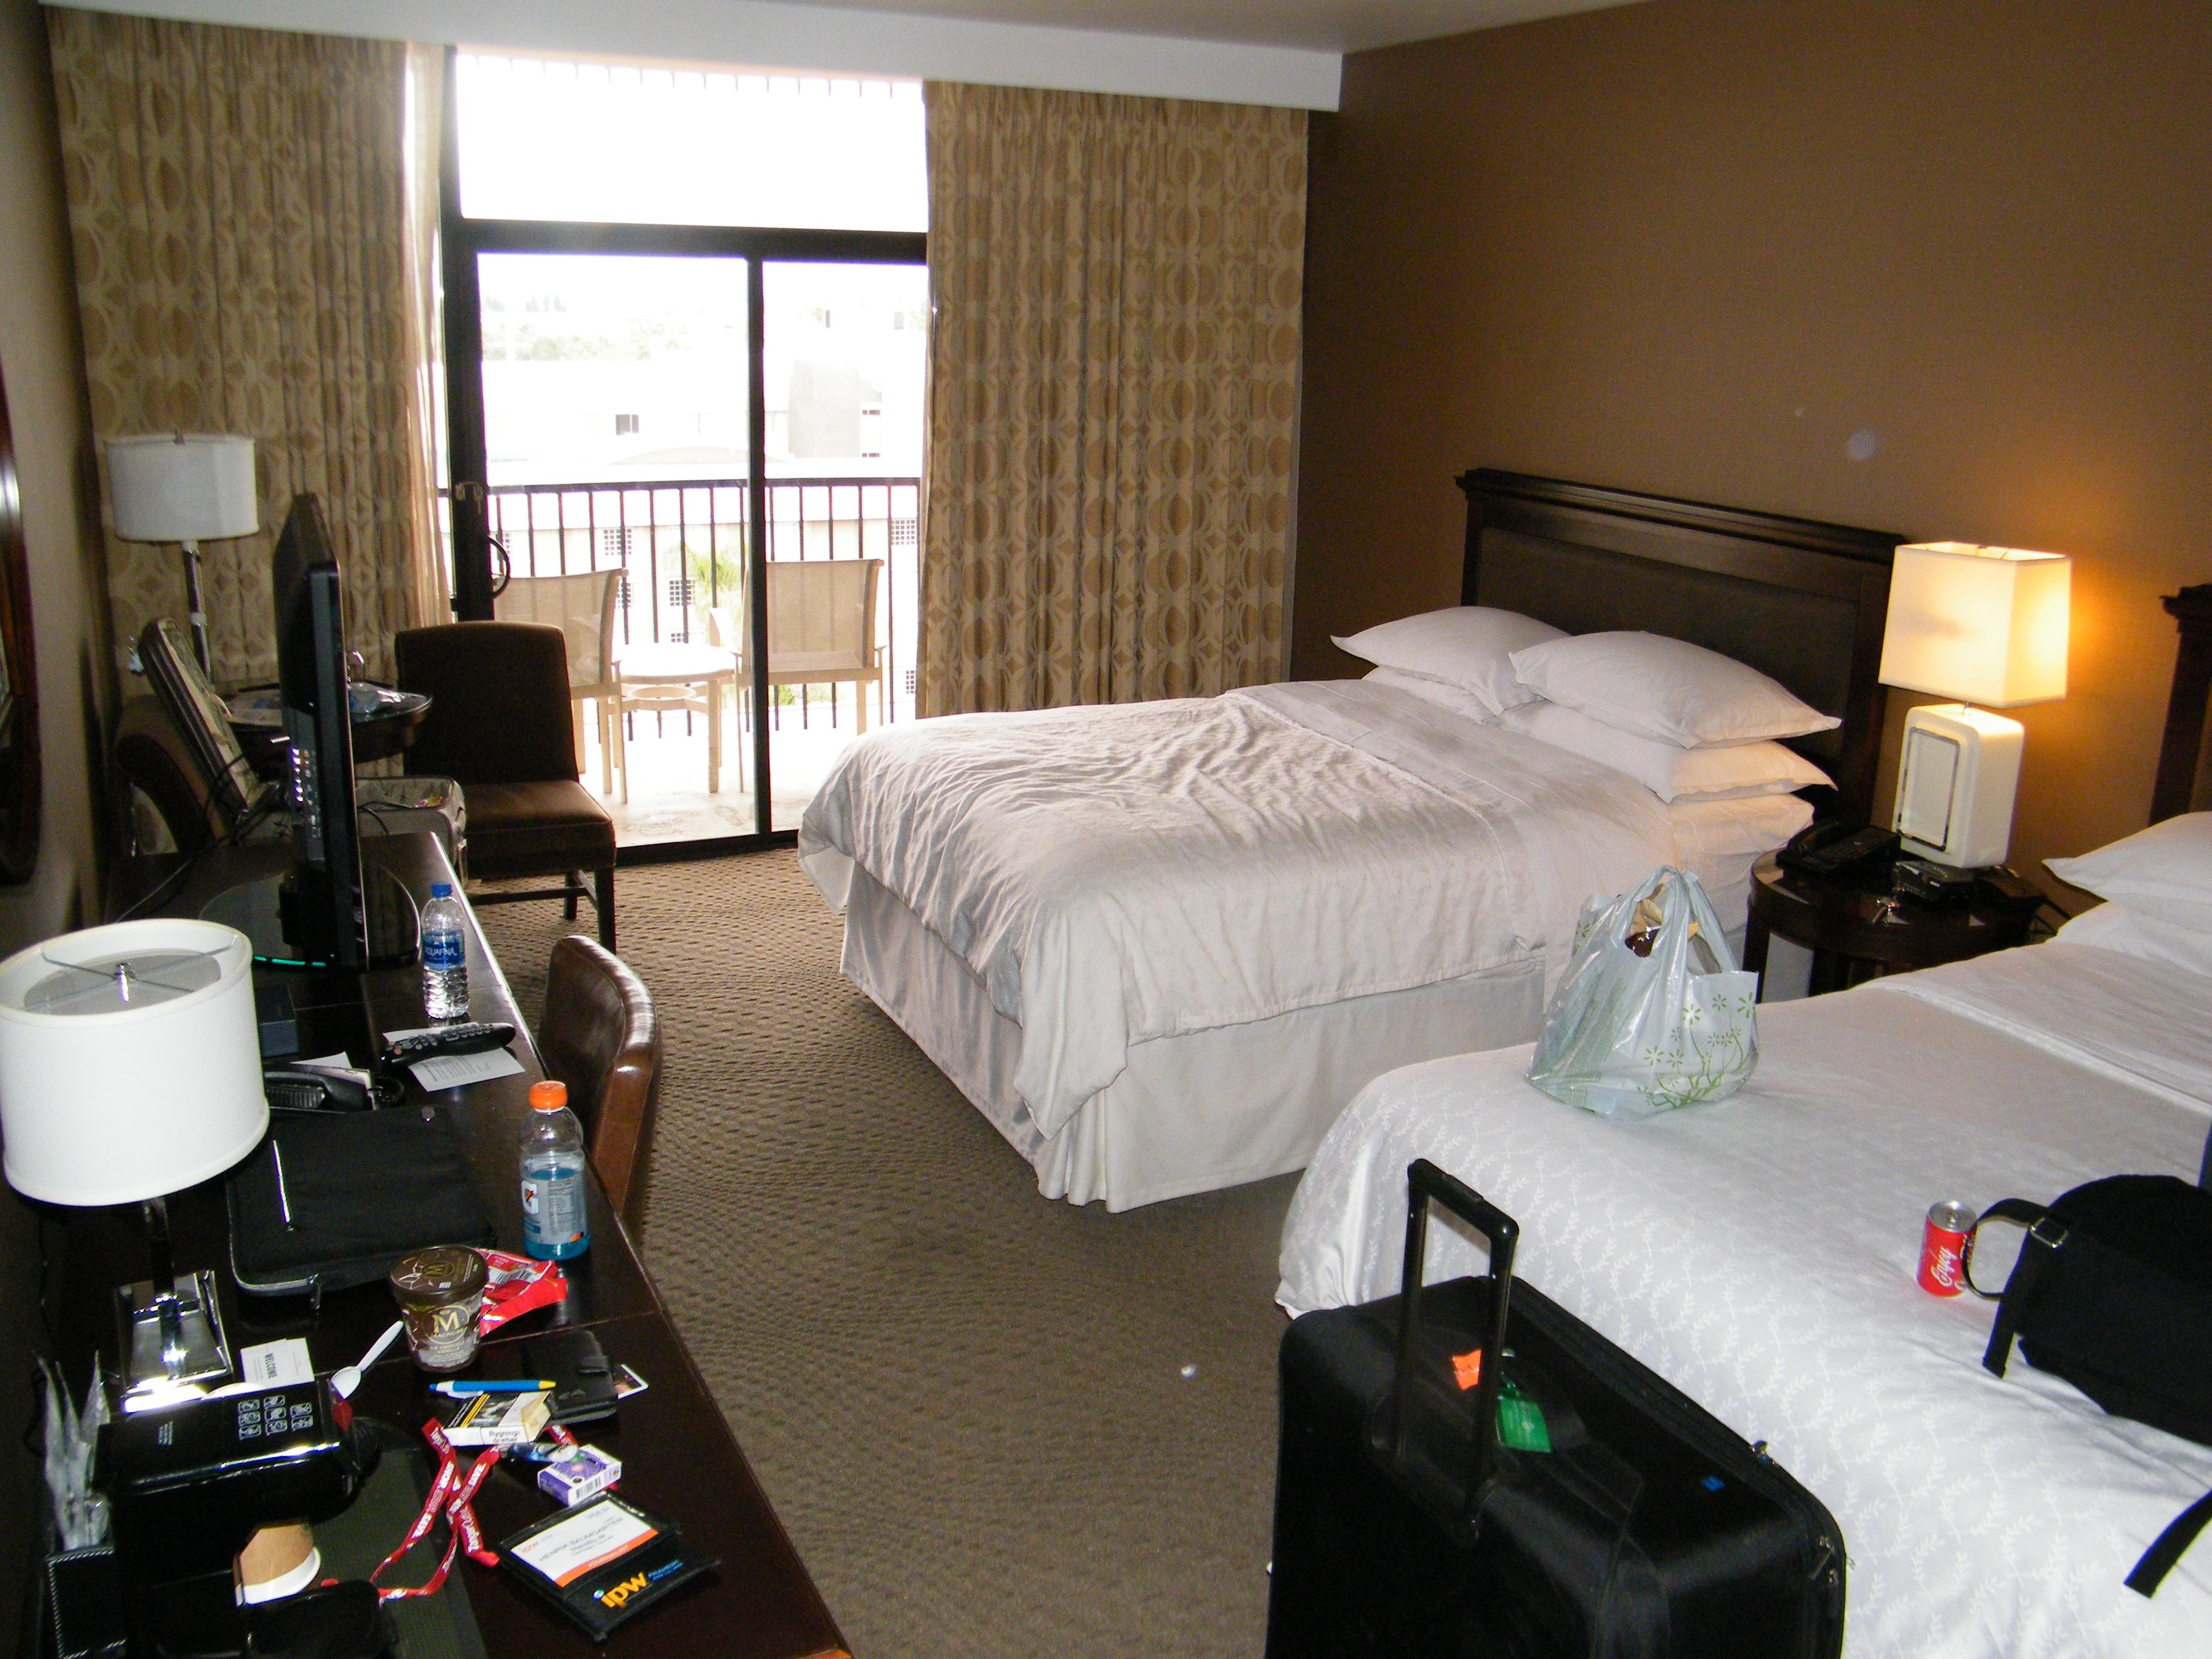 Forretningsrejsende fra verden over har nogle fælles krav til deres hotelværelse, mens der på andre områder er divergens mellem nationaliteterne, viser ny undersøgelse. Her er et Sheraton-værelse i Anaheim i Californien, foto: Henrik Baumgarten.